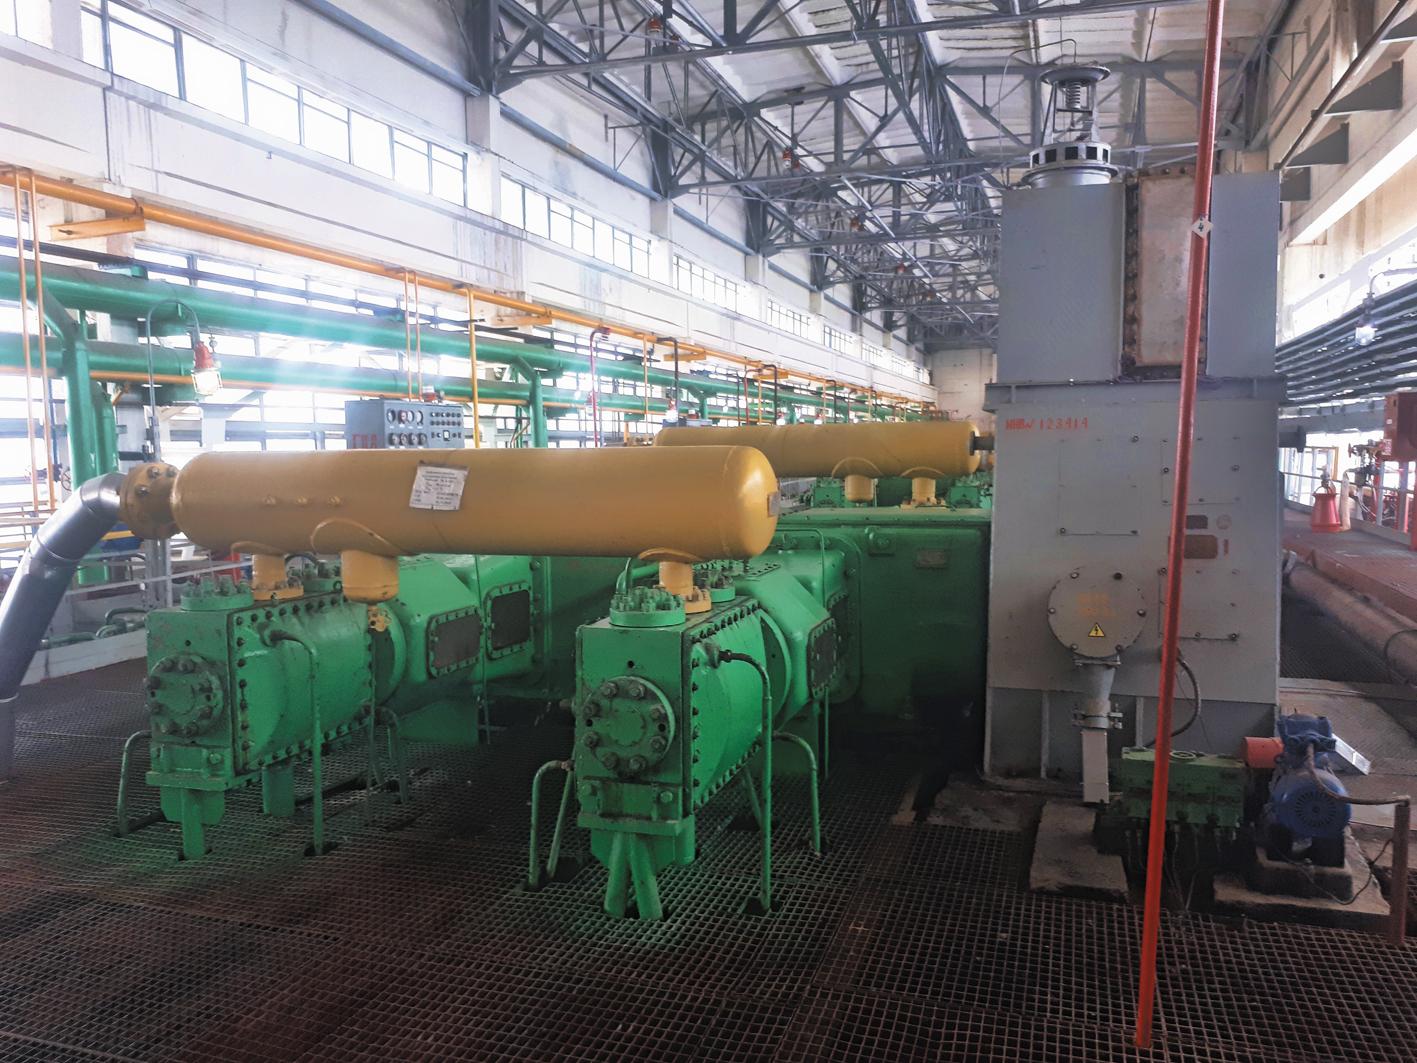 После очистки этановая фракция компримируется и по этанопроводу подается на завод ПАО «Казаньоргсинтез», а также сразу после очистки может подаваться на завод ООО «Газпром нефтехим Салават».